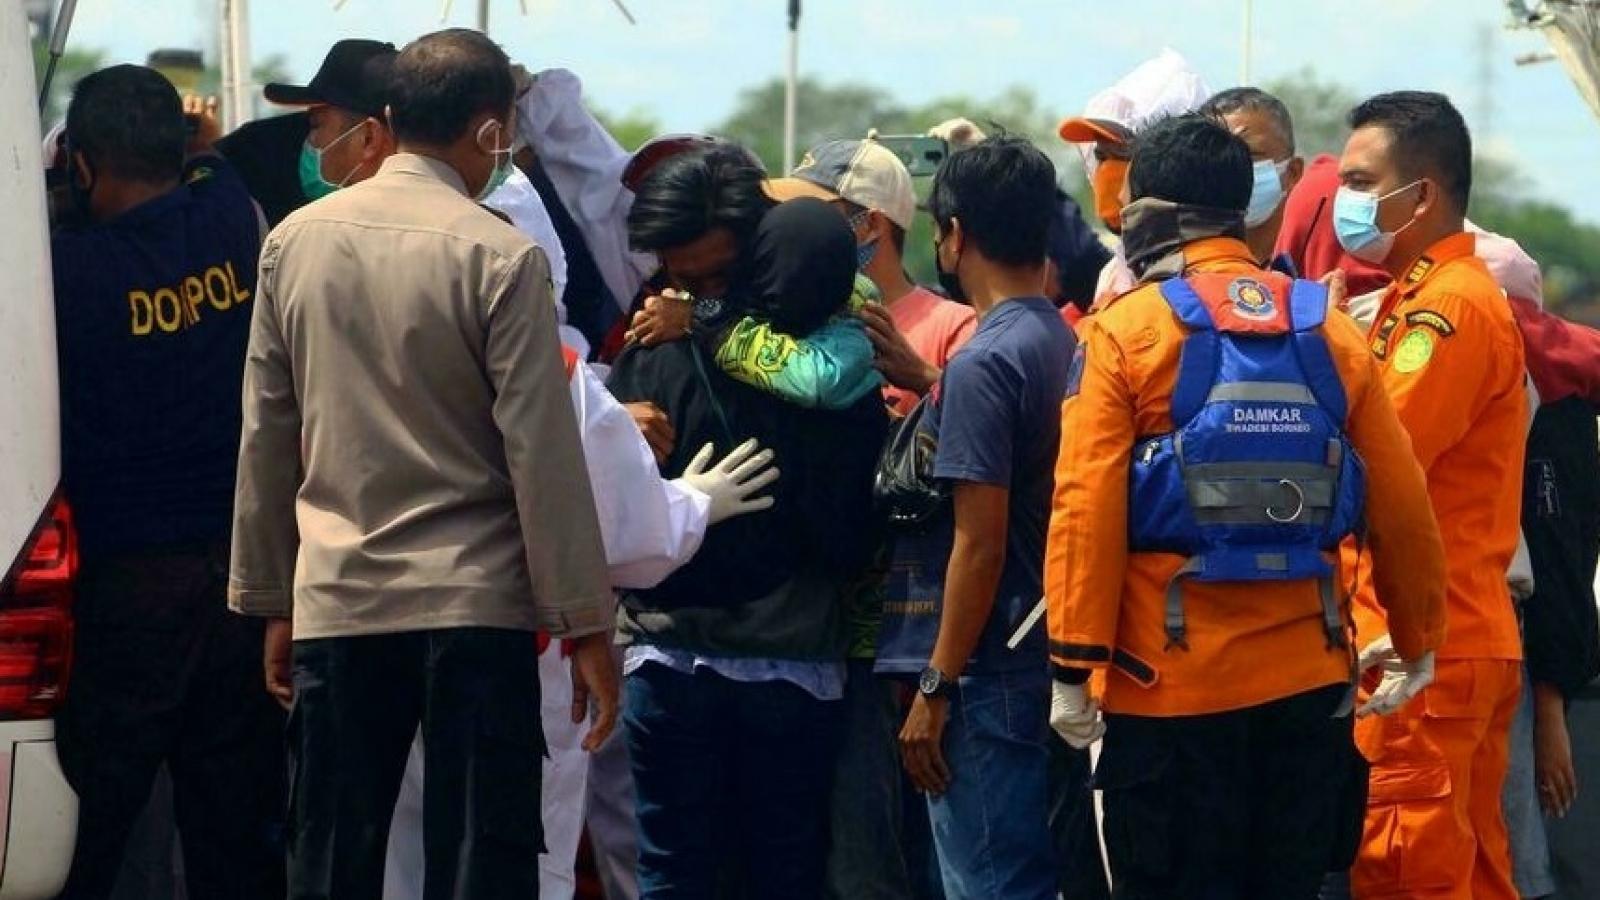 Gần 60 người chết, mất tíchtrong vụ 18 tàu cá Indonesia bị chìm ngoài khơi Kalimantan